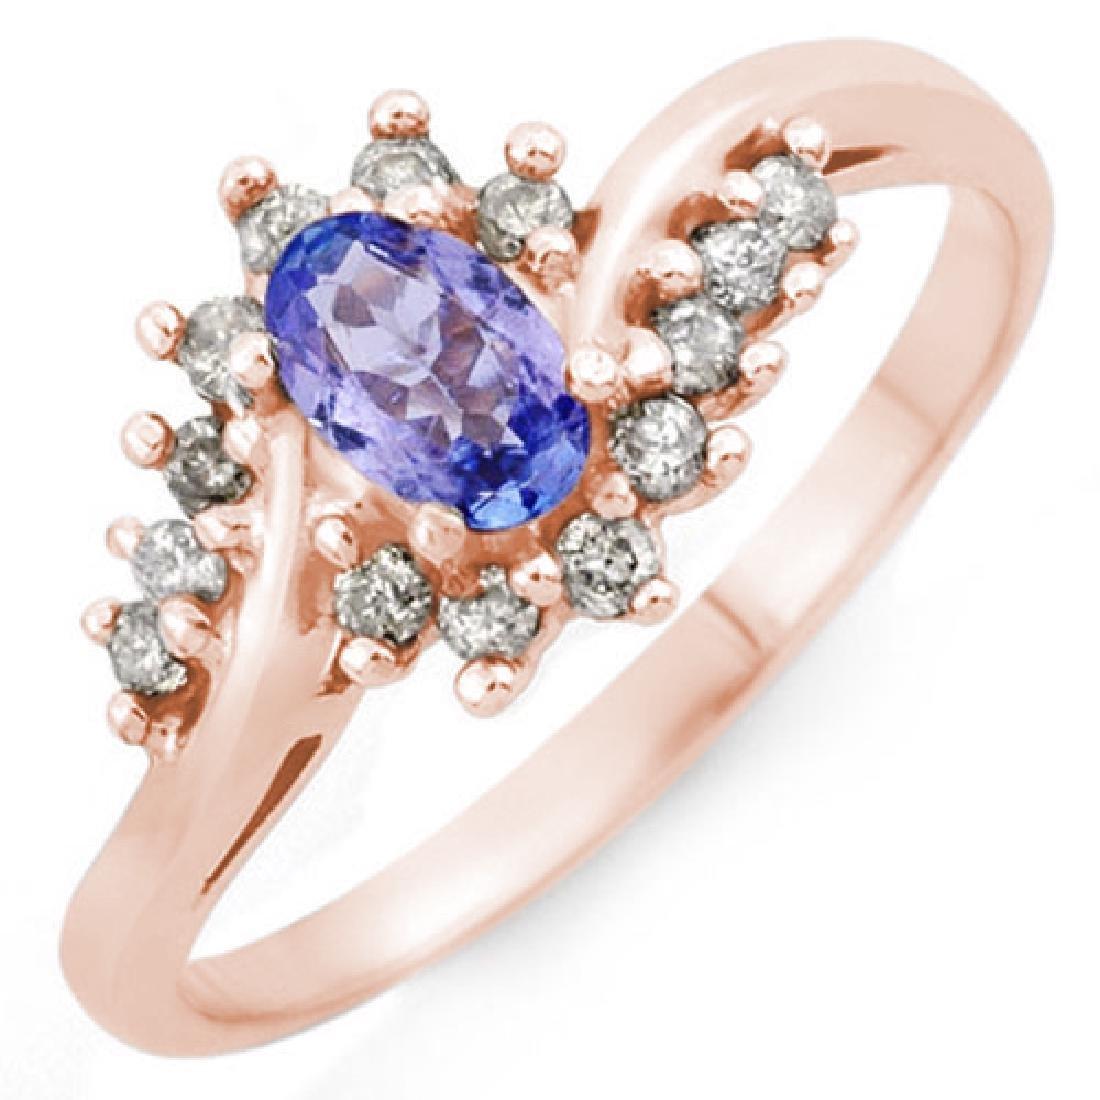 0.55 CTW Tanzanite & Diamond Ring 14K Rose Gold